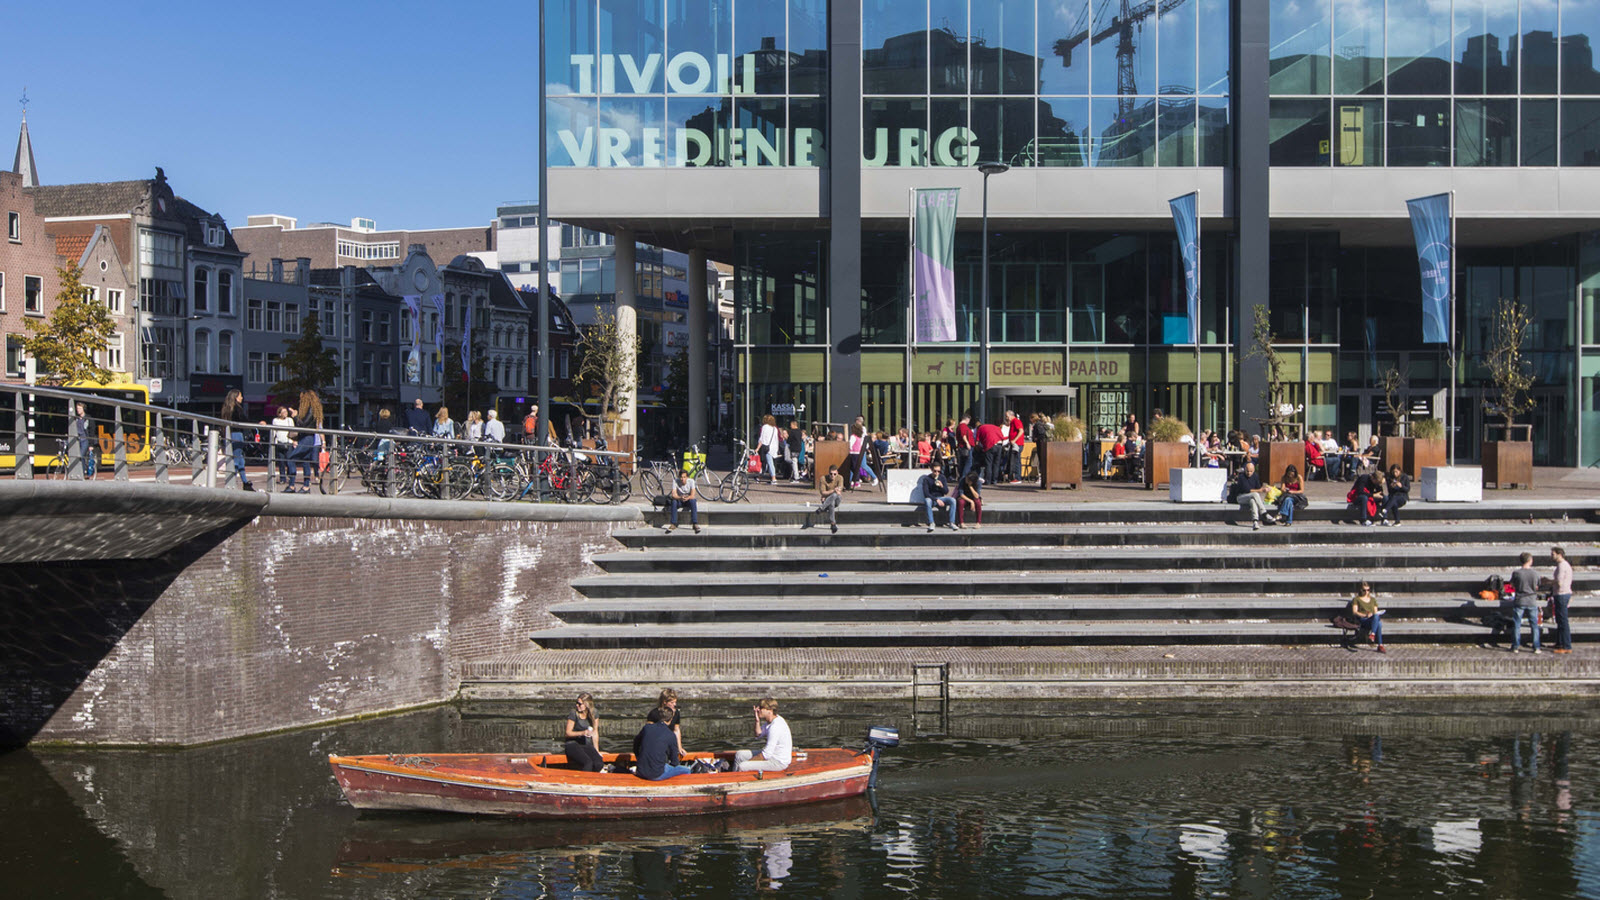 TivolieVredenburg Utrecht (3)